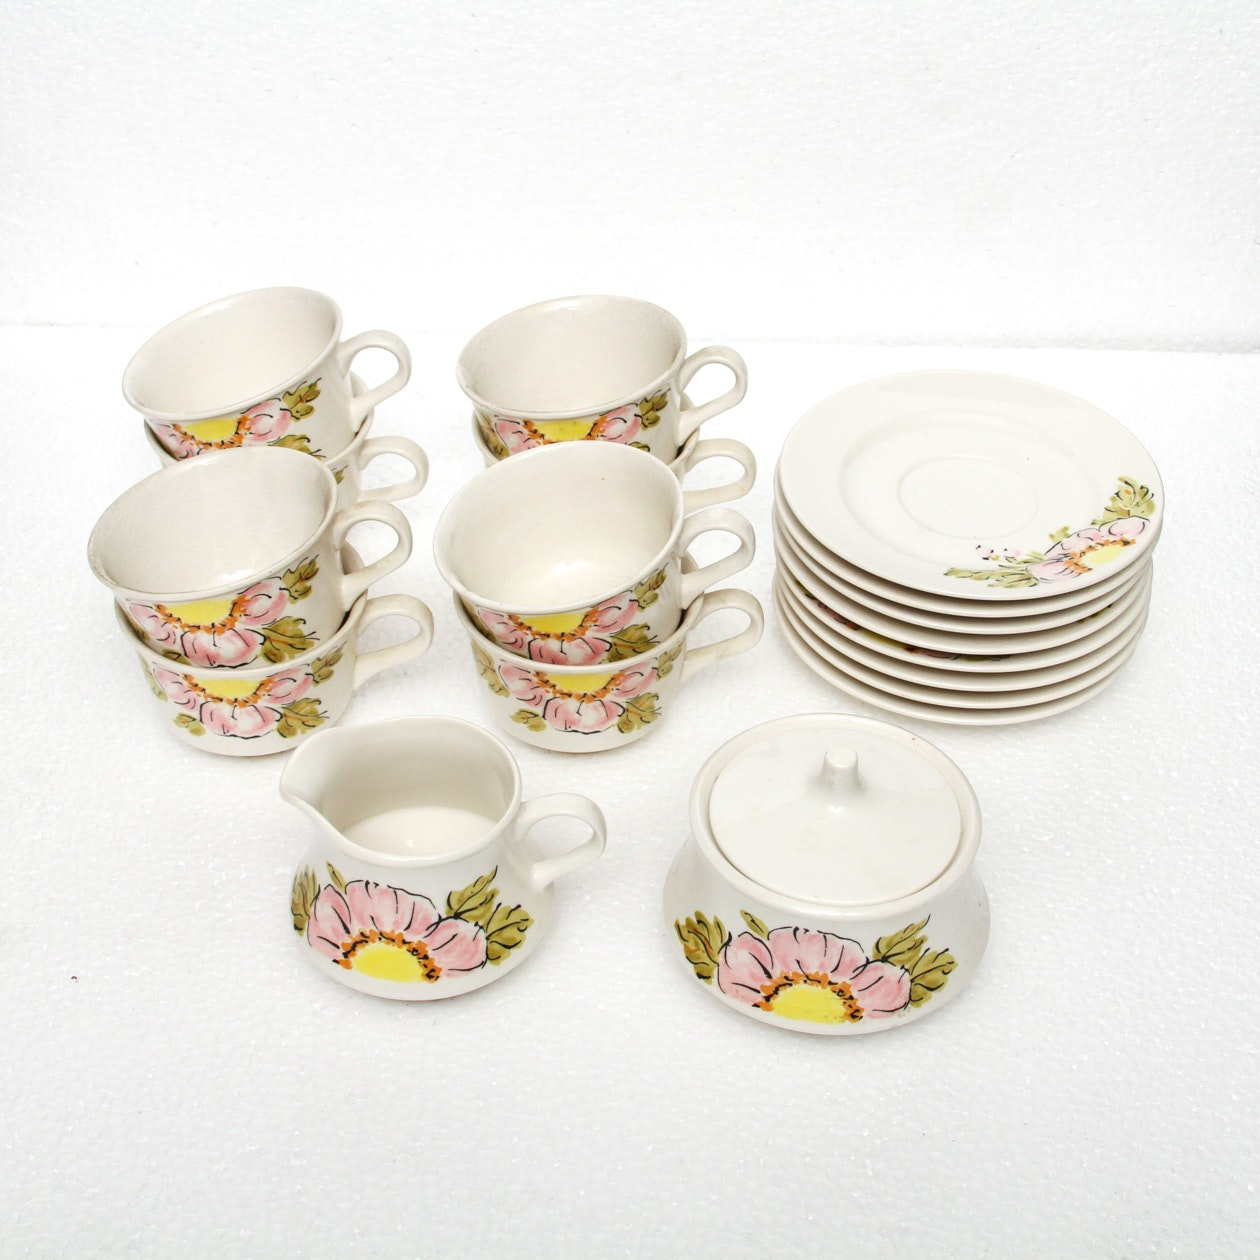 Vintage Nikko Ironstone Foremost Japan Tea Set ... & Vintage Nikko Ironstone Foremost Japan Tea Set : EBTH